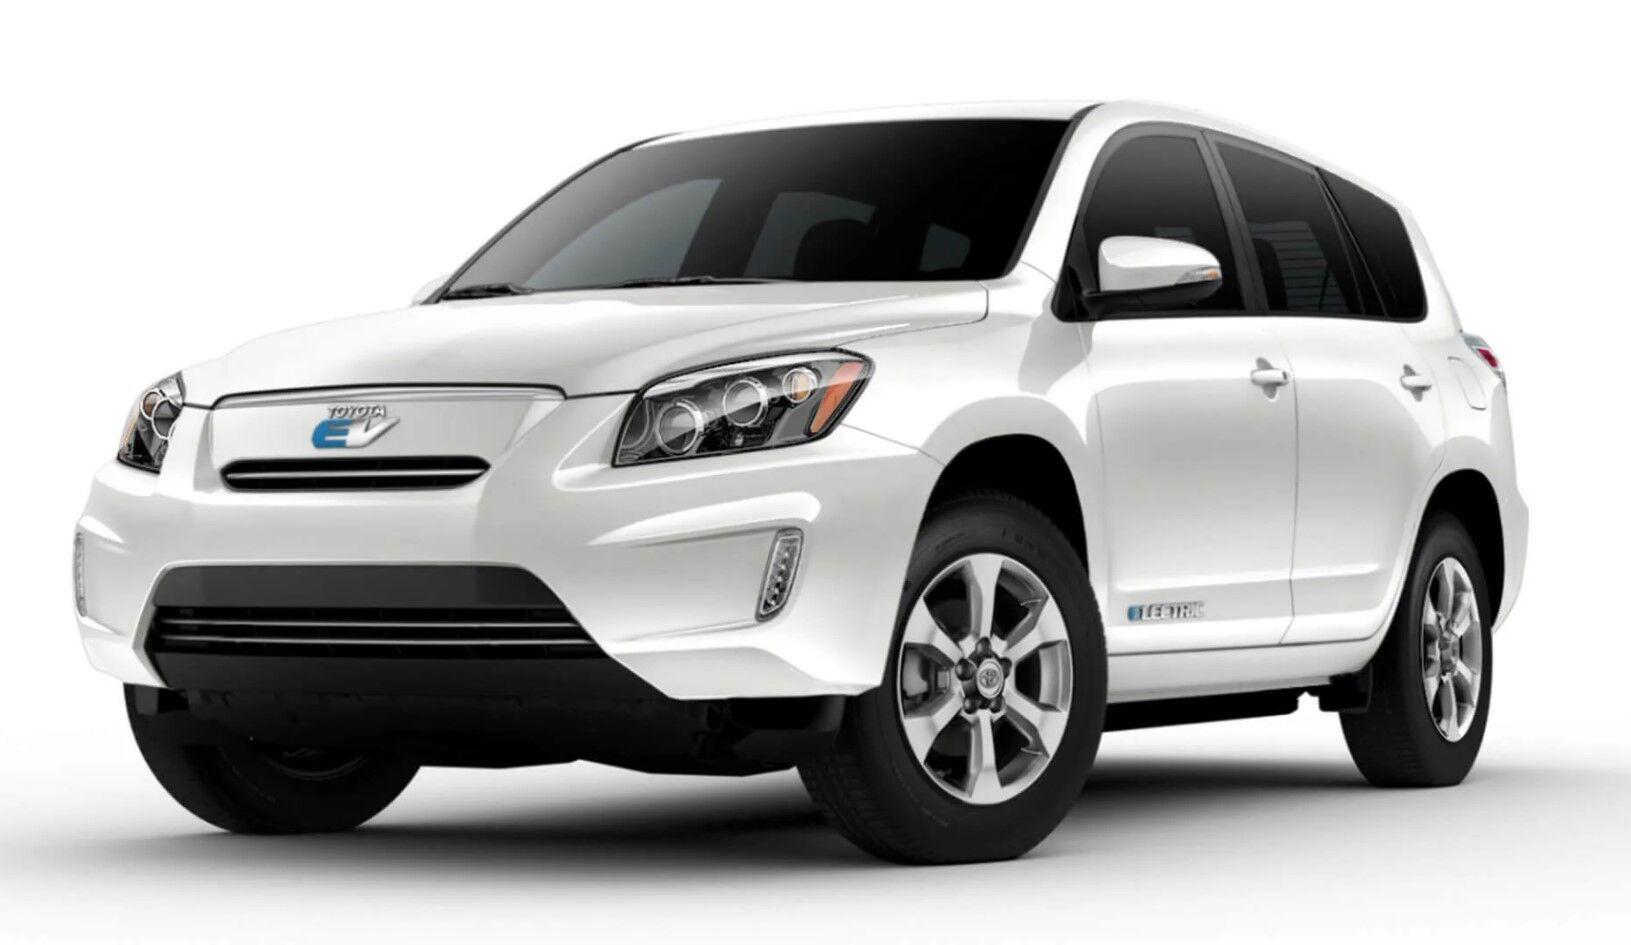 Электромобиль Toyota RAV4 – смелая, но не слишком удачная попытка